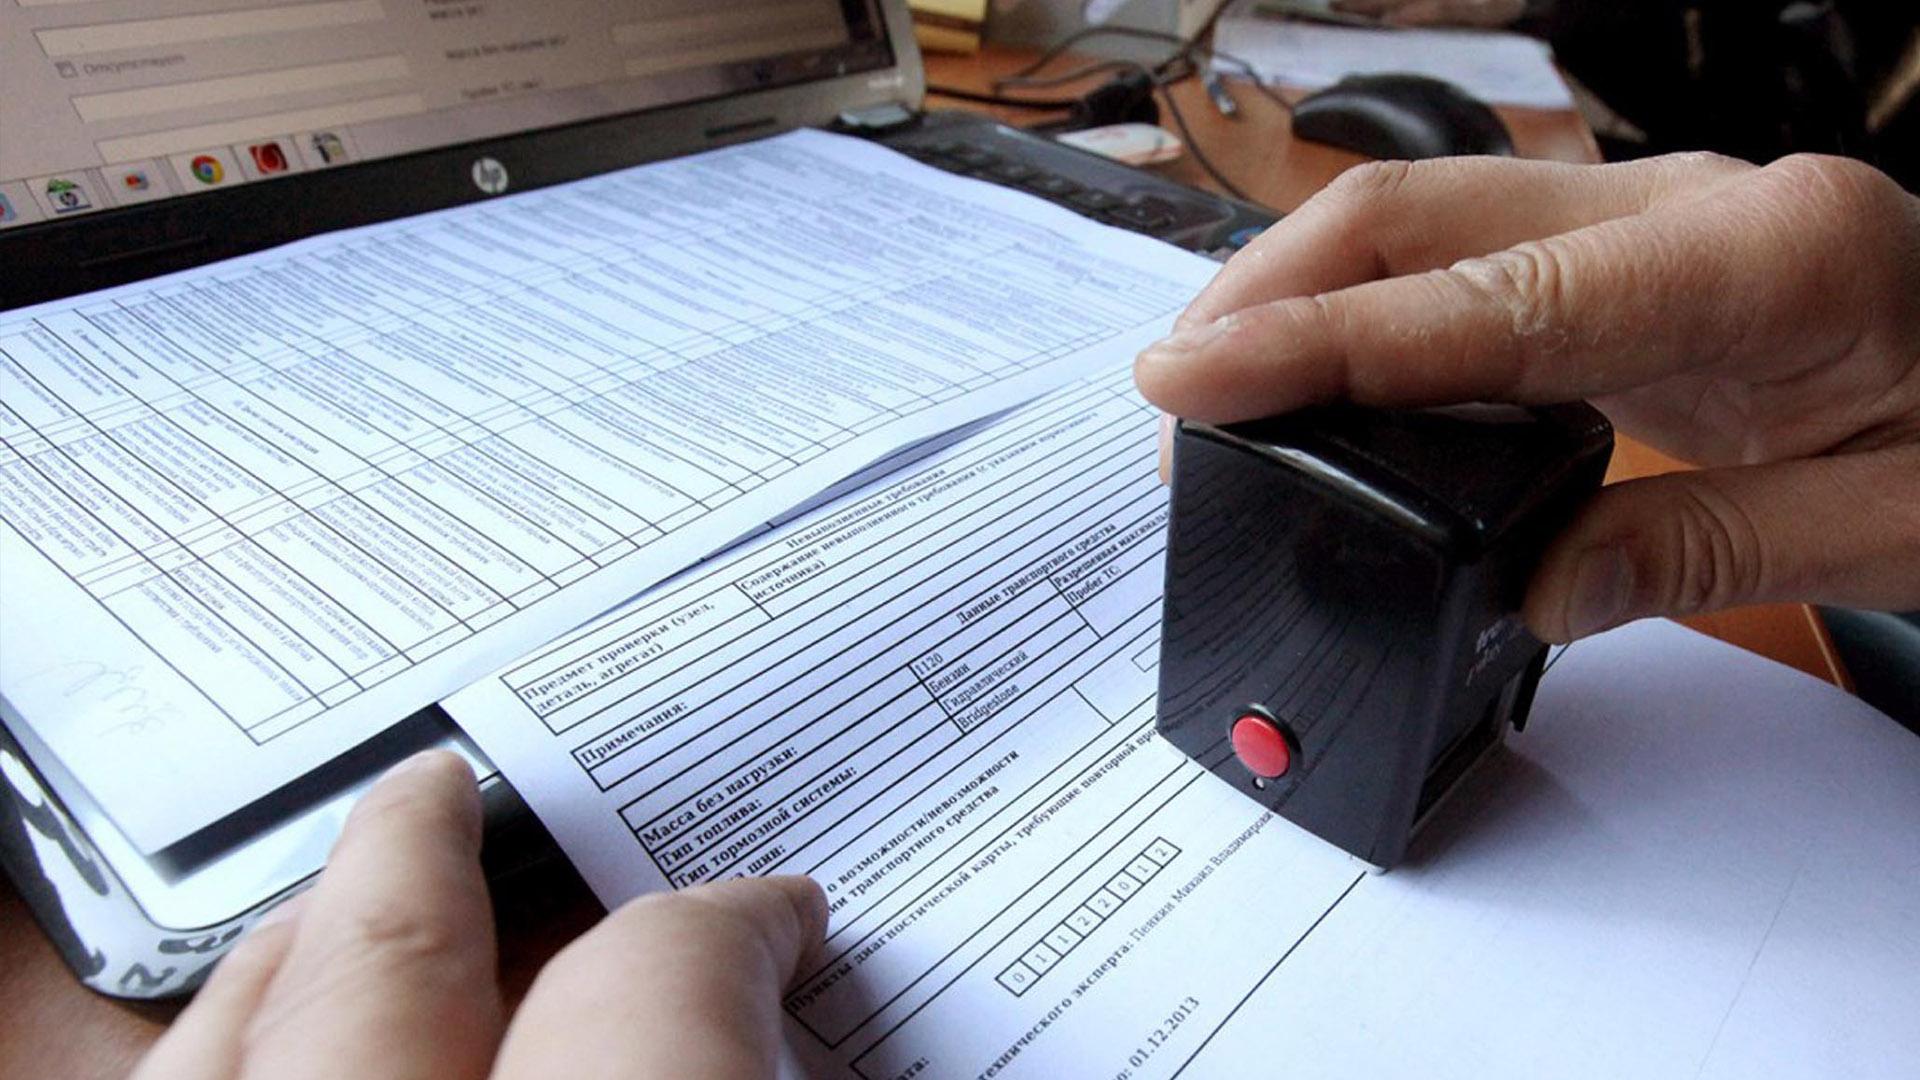 Зафиксированы случаи продажи поддельных диагностических карт — будьте осторожны